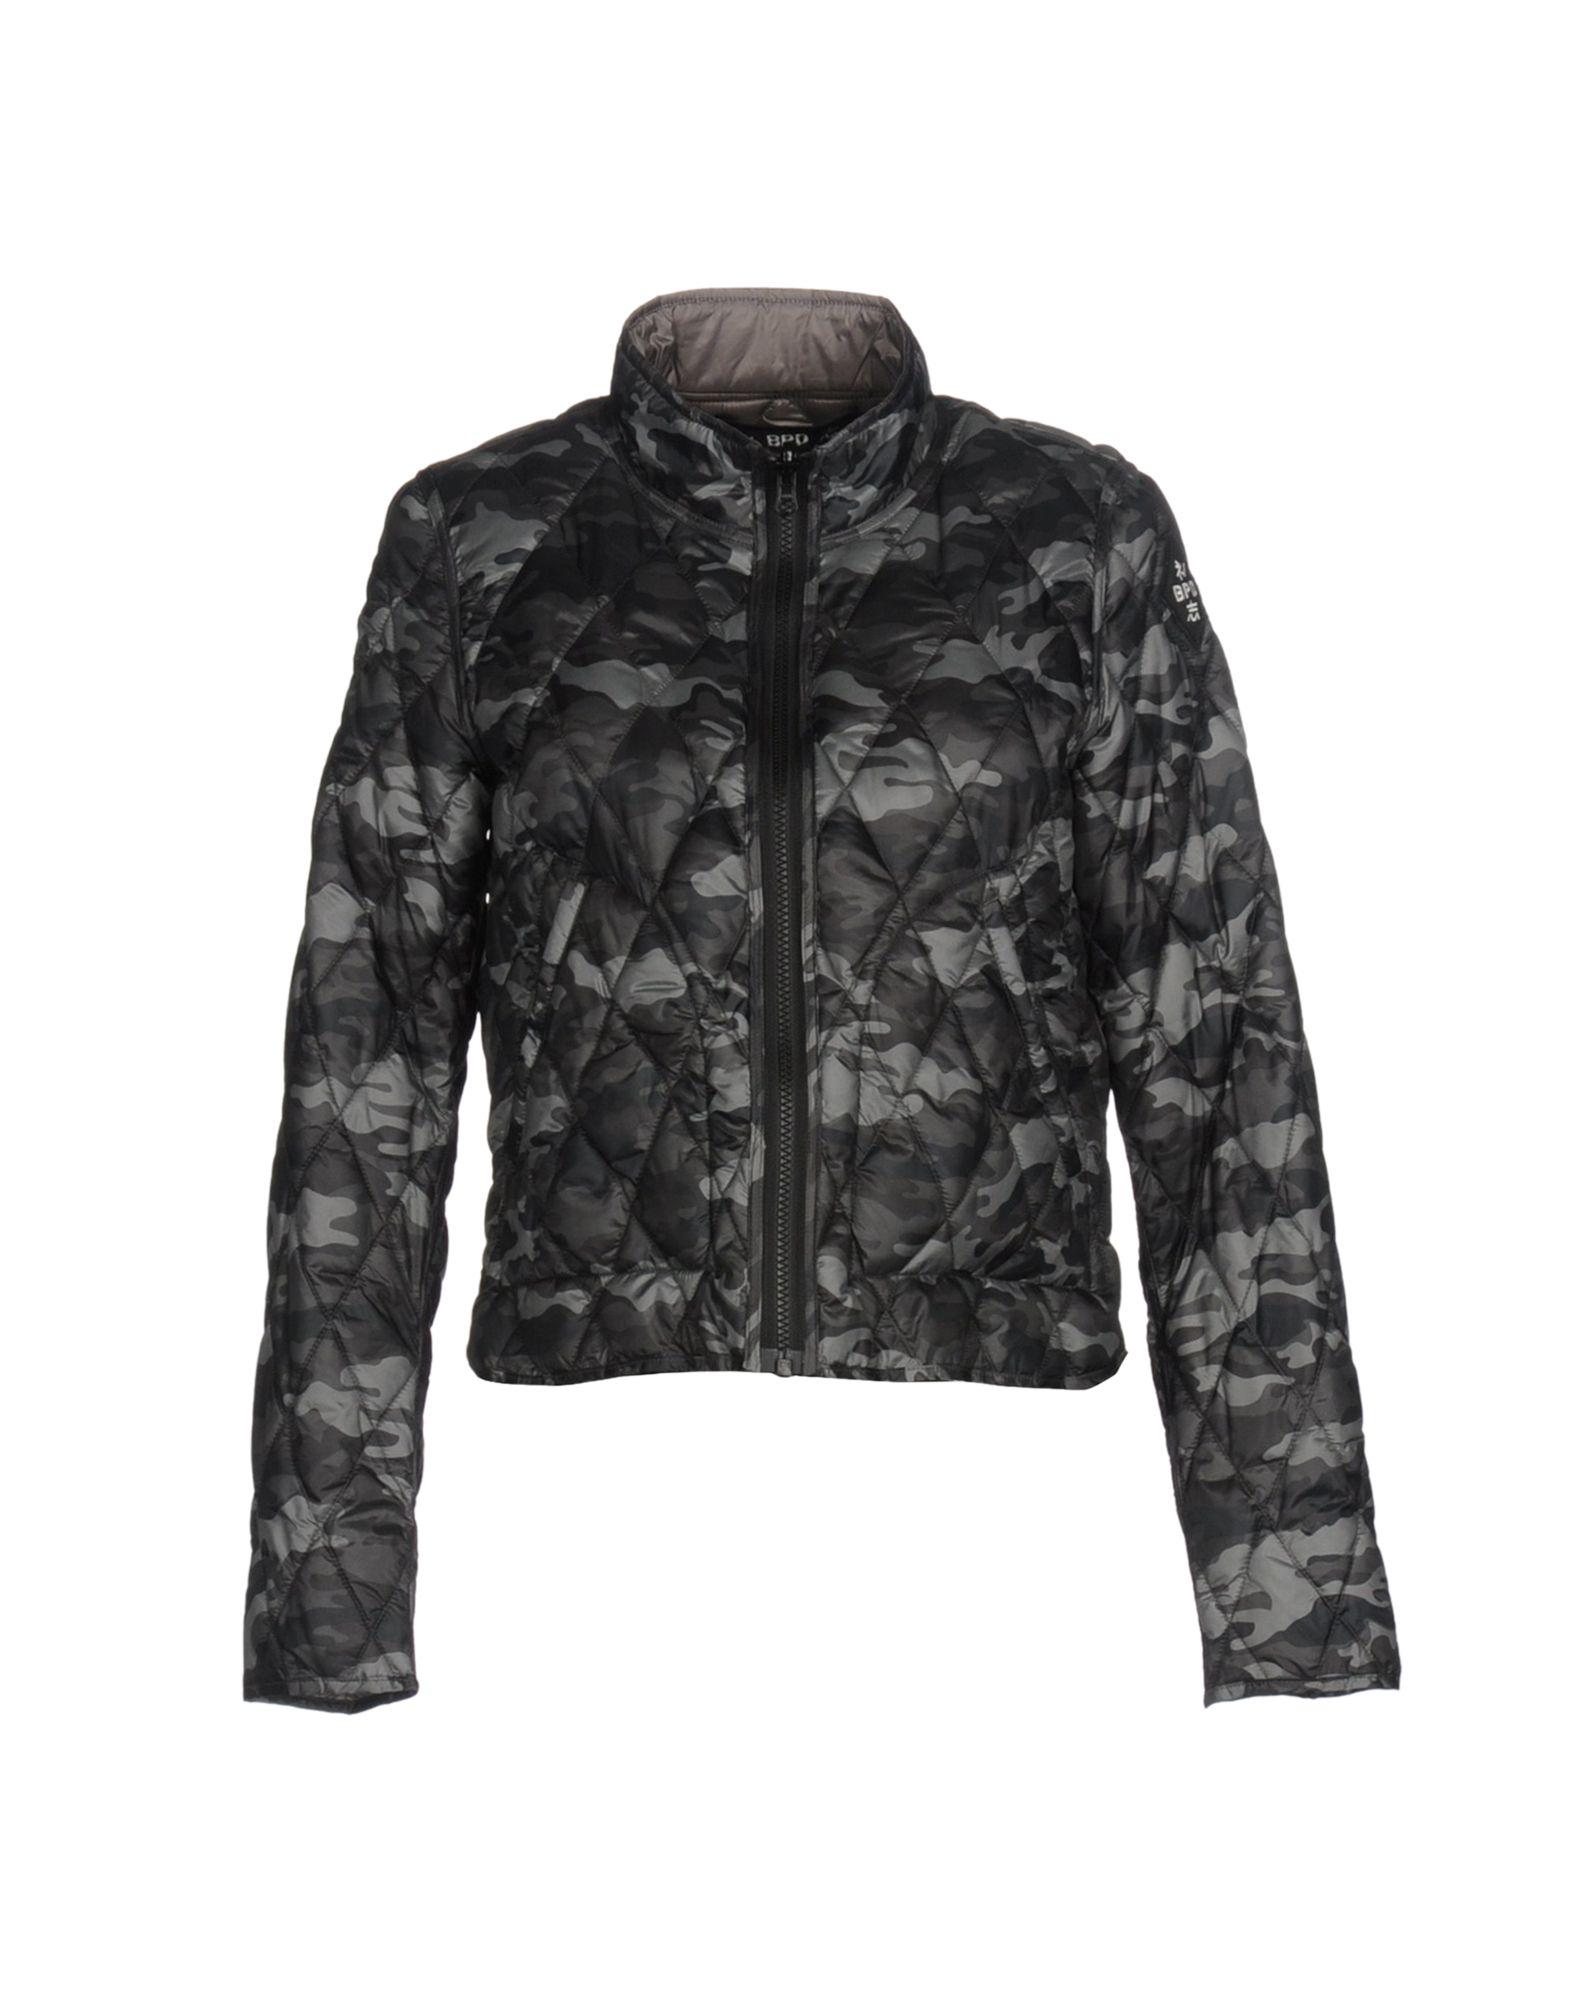 《送料無料》BPD BE PROUD OF THIS DRESS レディース ブルゾン ミリタリーグリーン S ポリエステル 100%